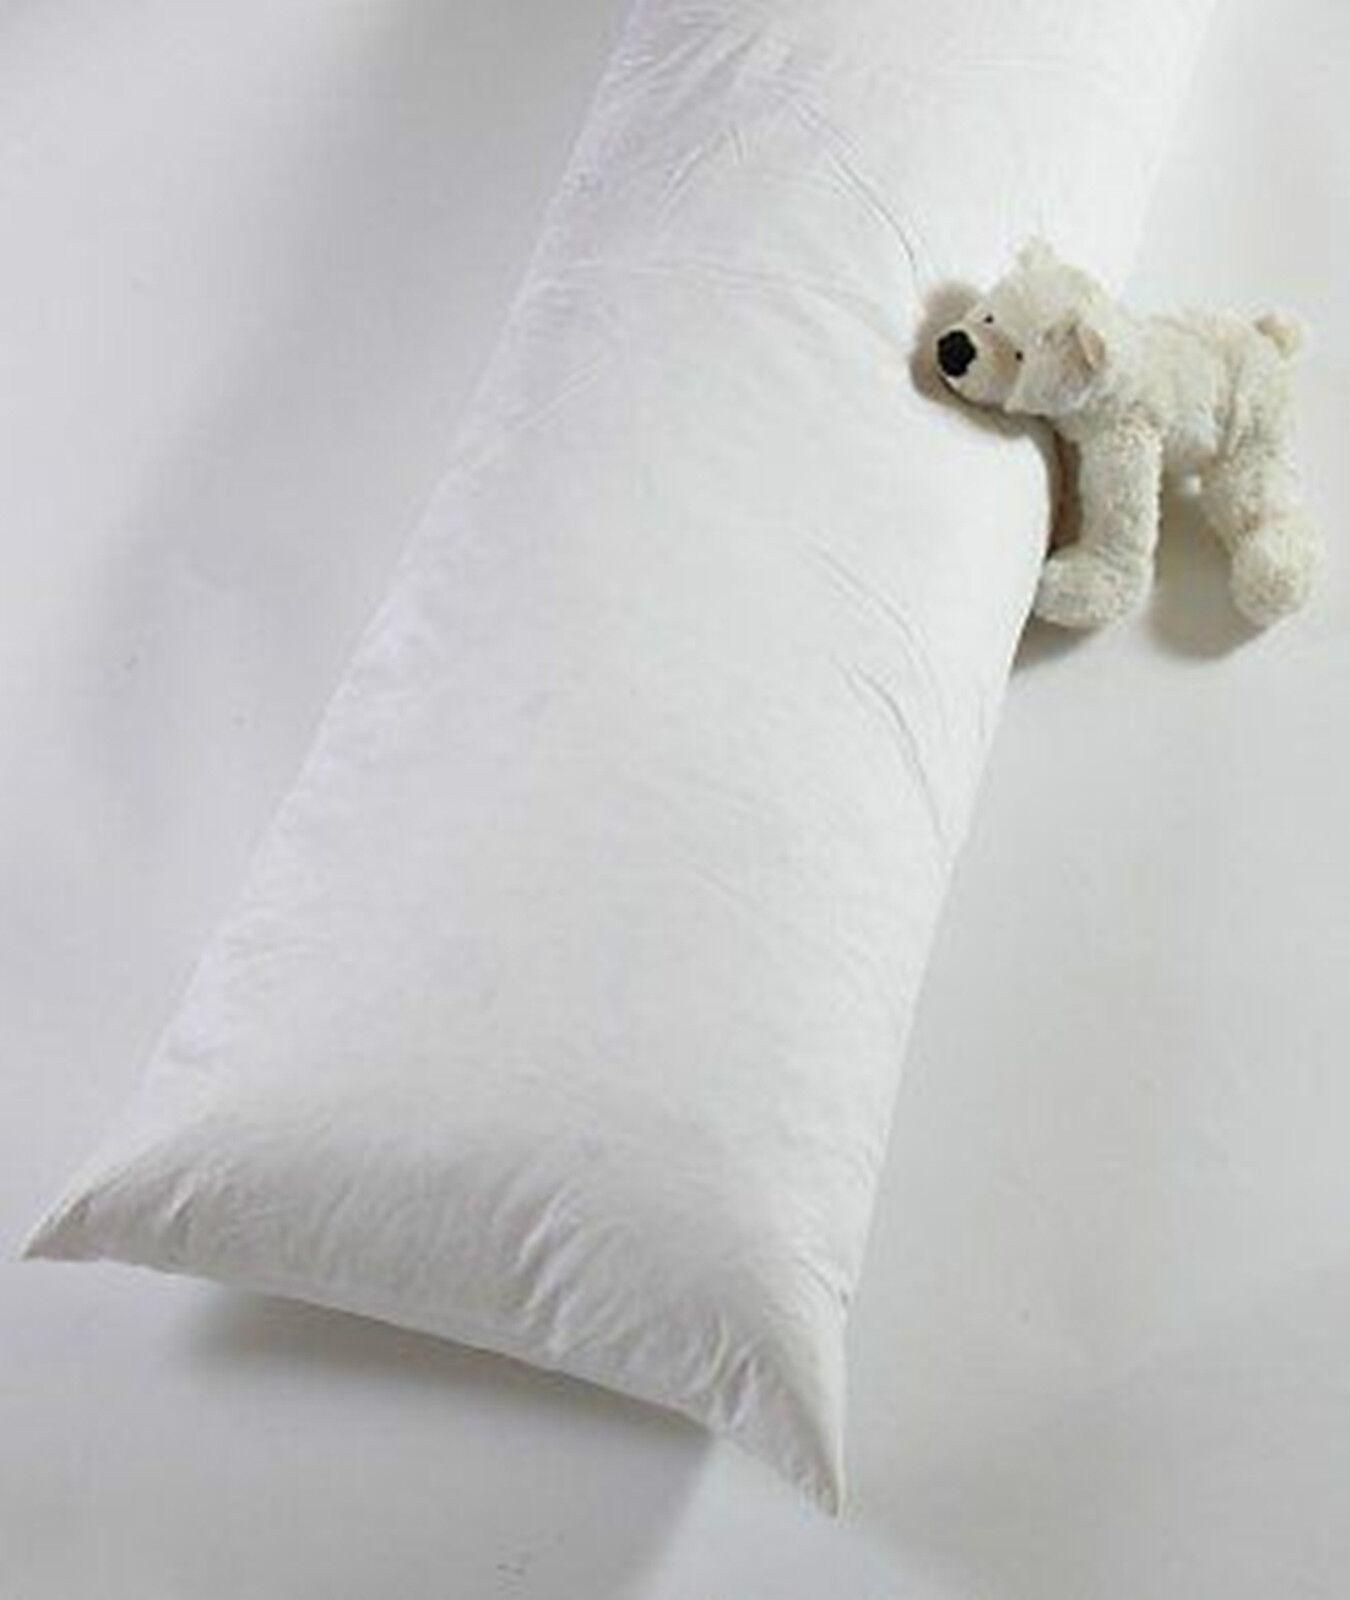 Huggable Soft Support Pillow | Dunelm